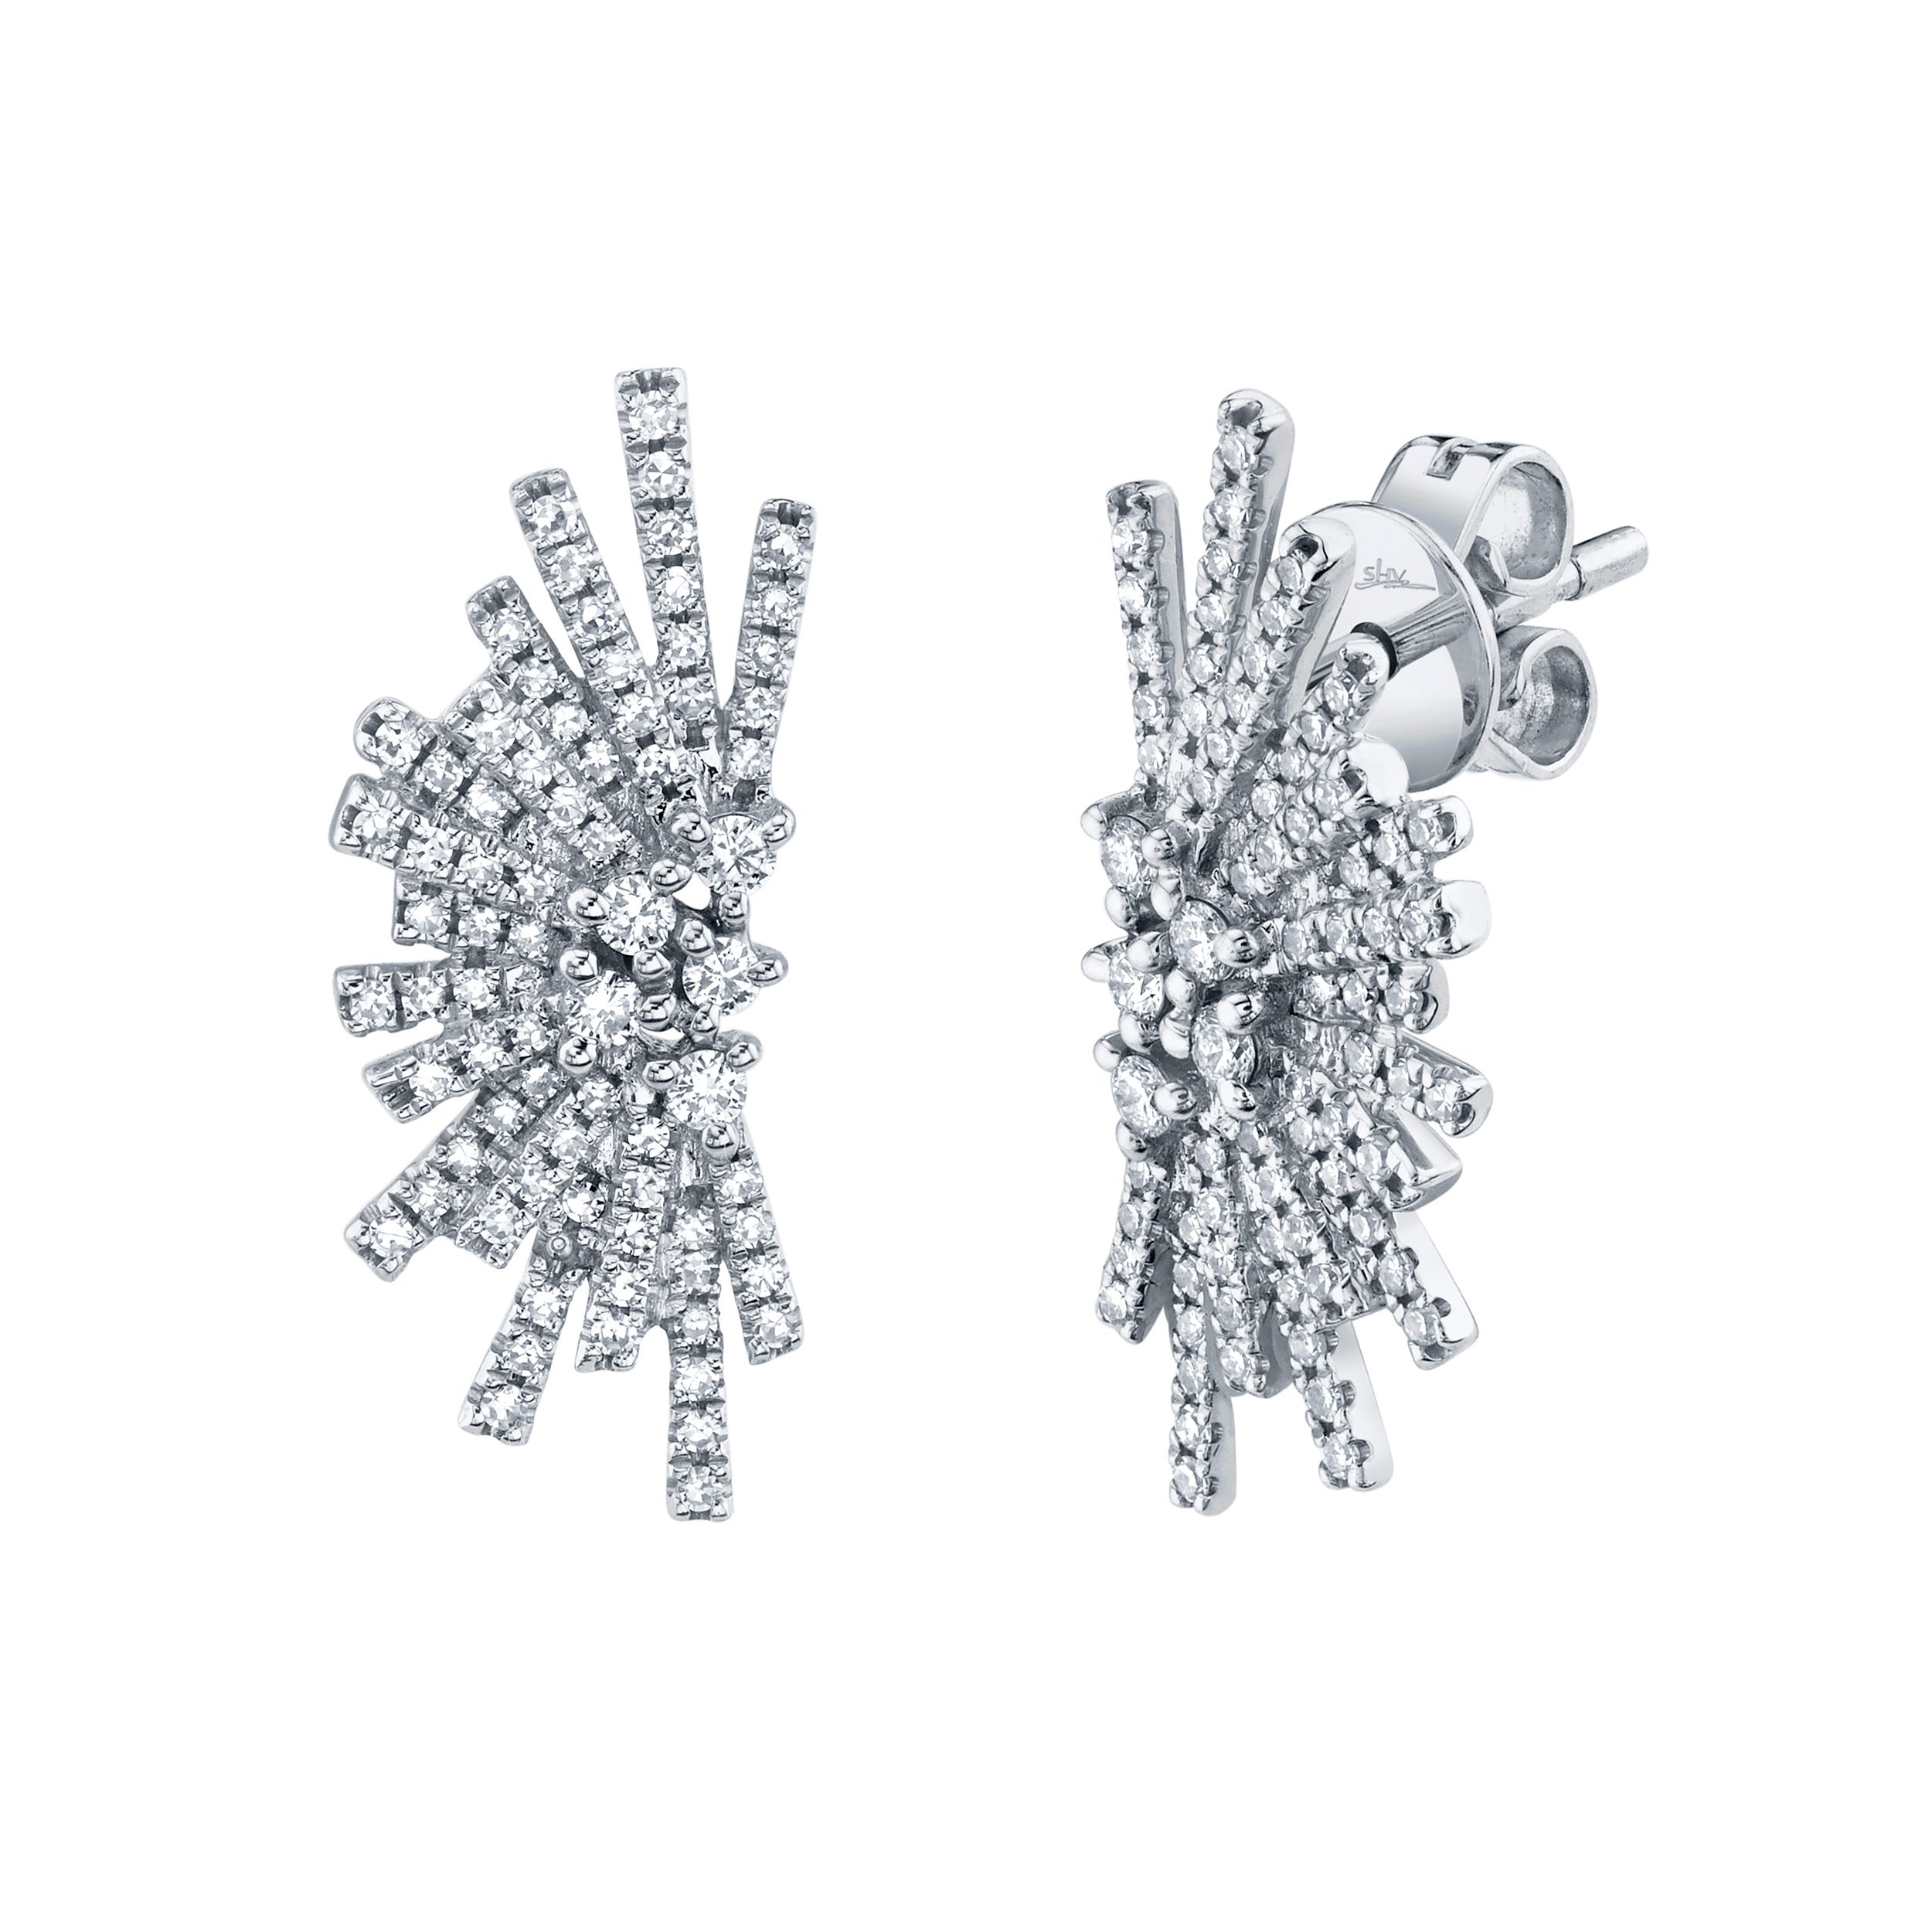 Shy Creation Diamond Half Starburst Earrings in 14k White Gold SC55006787